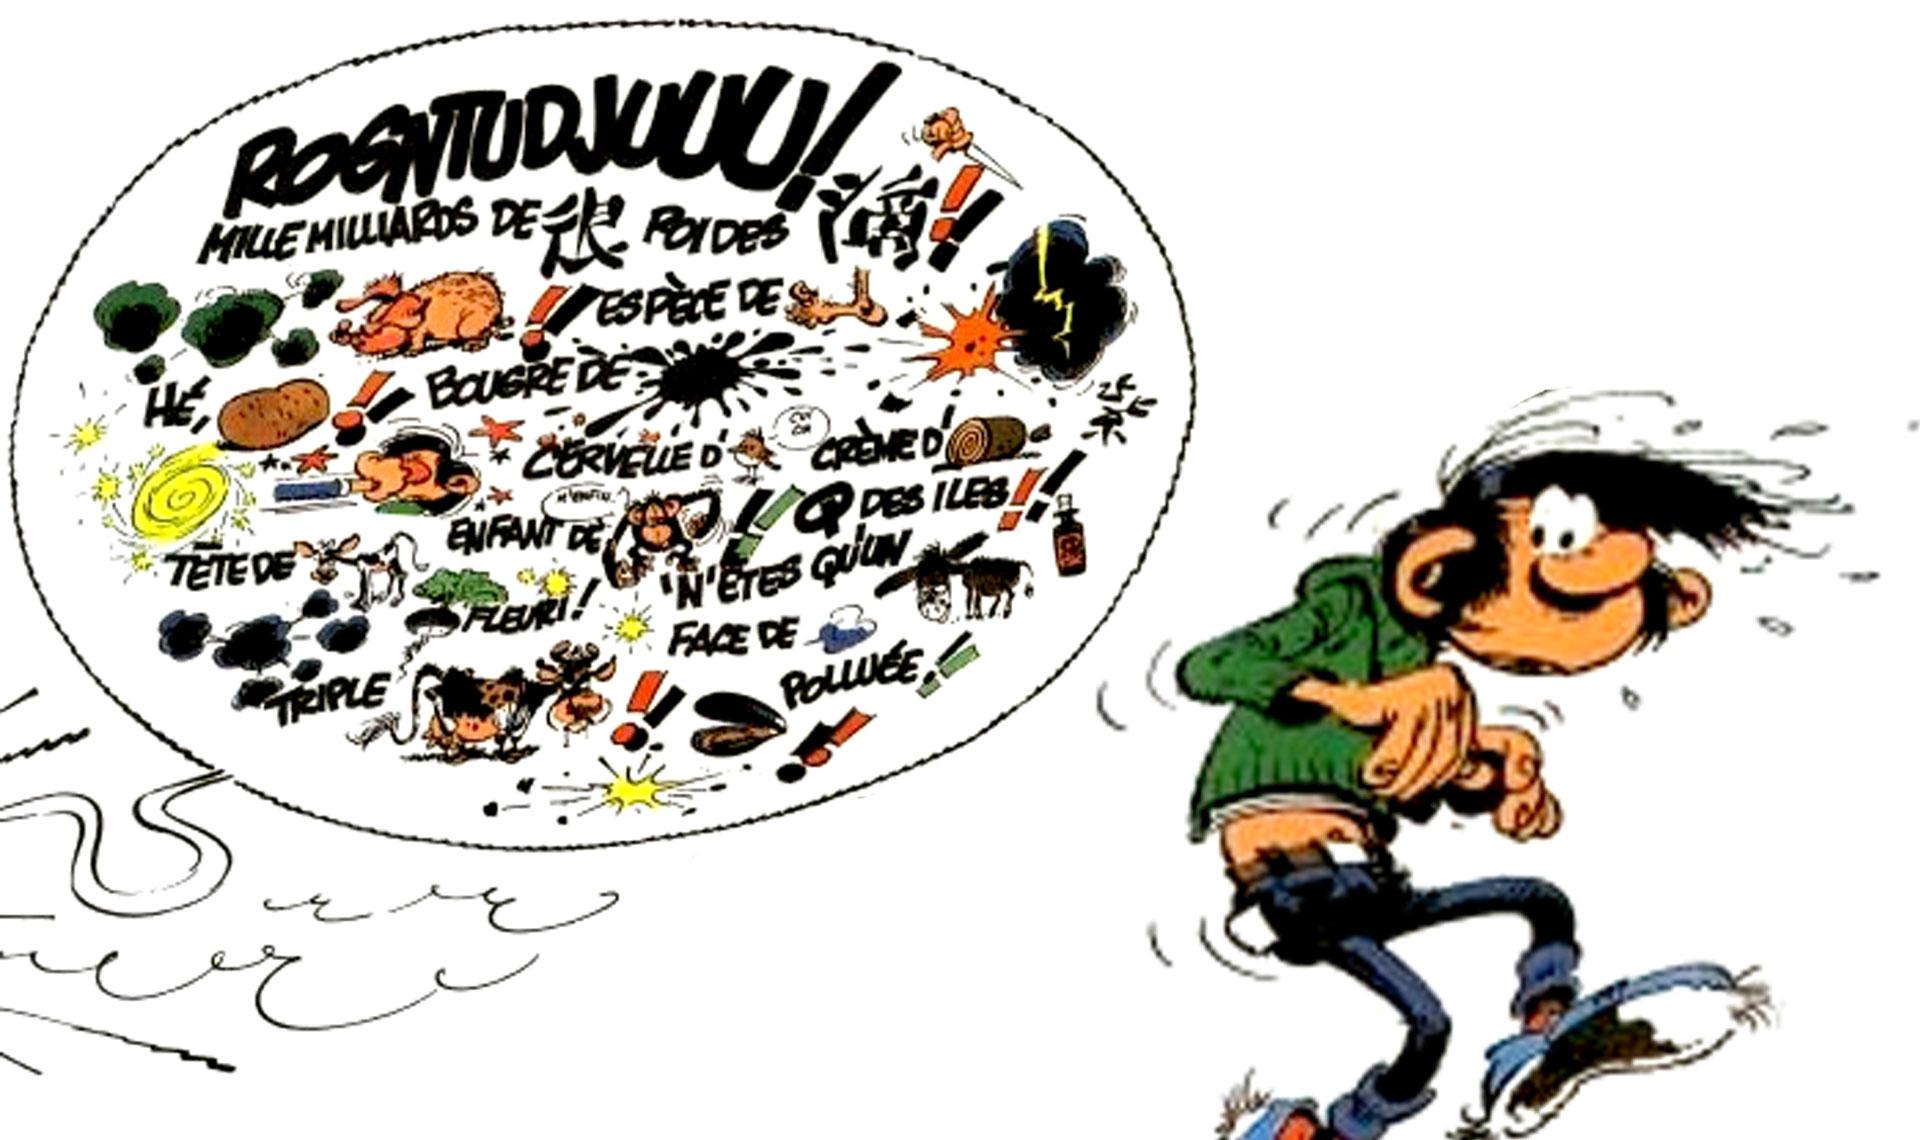 co/ - Comics & Cartoons » Thread #86657695